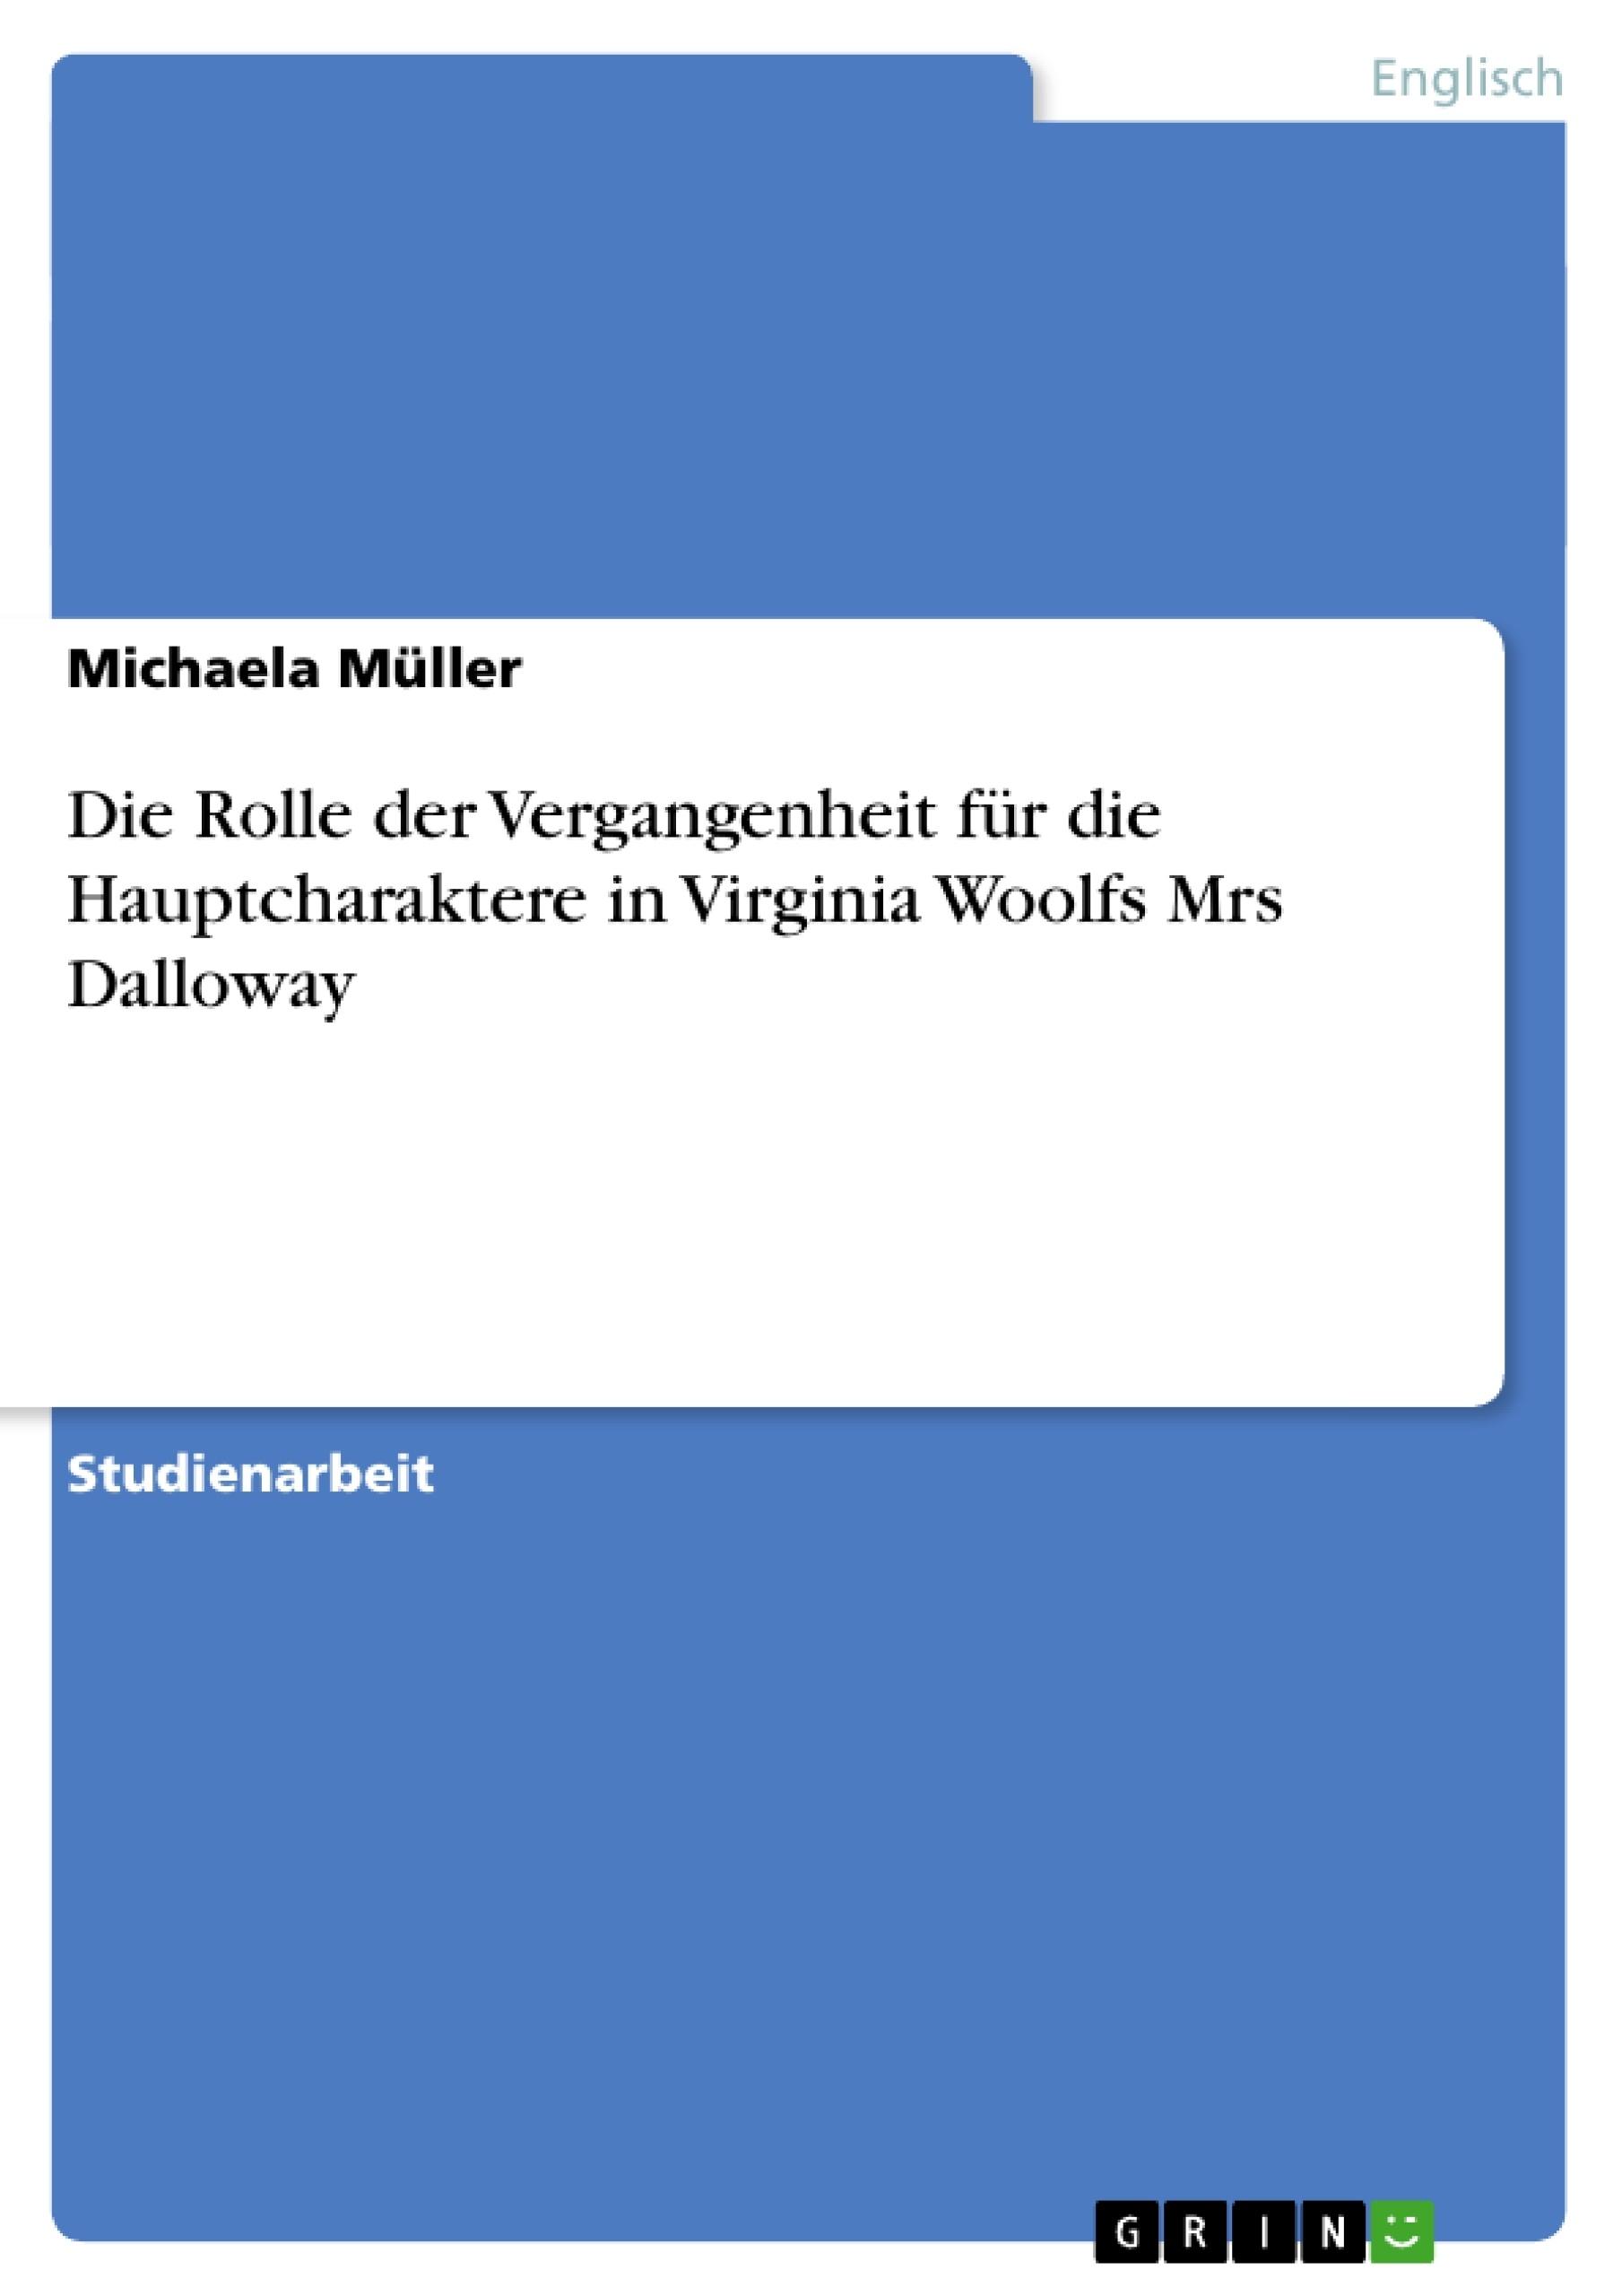 Titel: Die Rolle der Vergangenheit für die Hauptcharaktere in Virginia Woolfs Mrs Dalloway